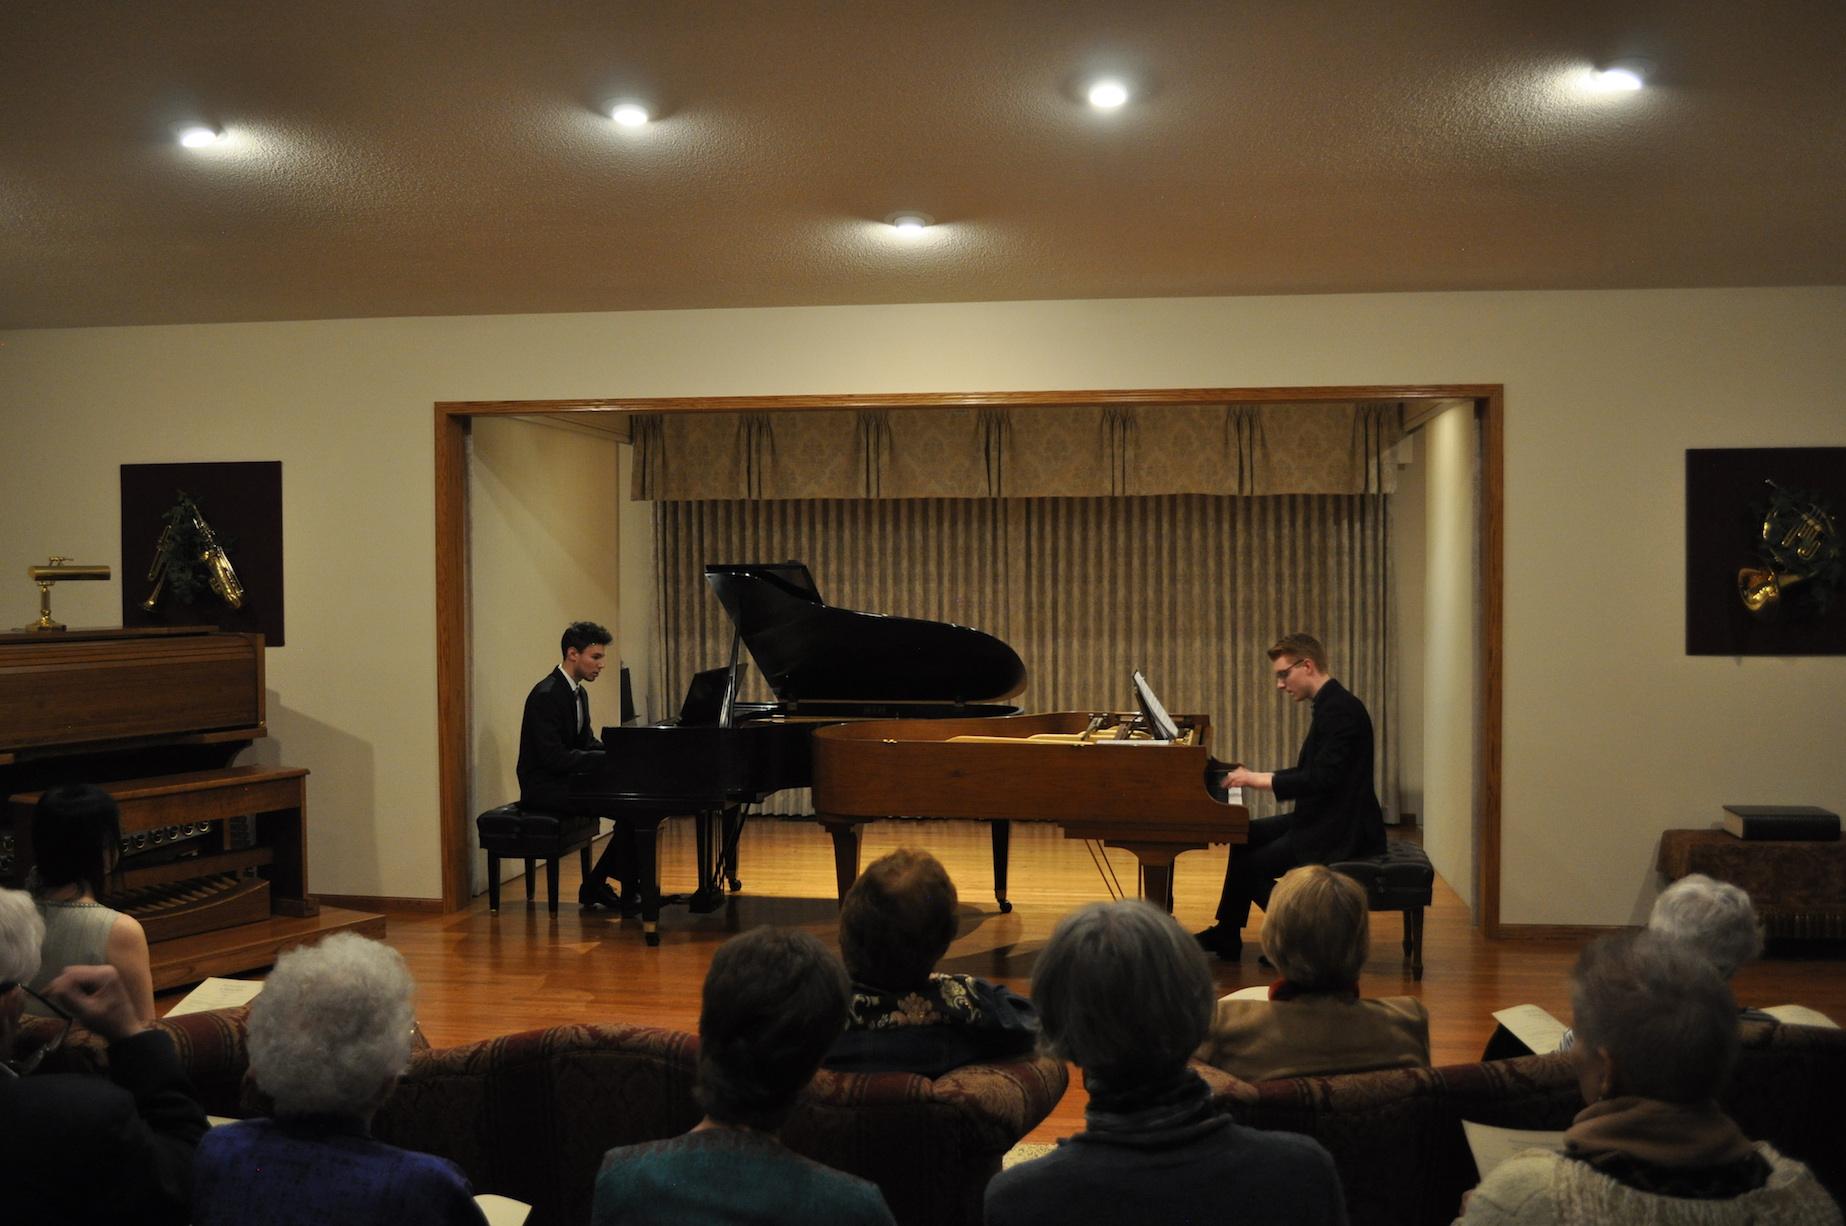 Two men playing piano